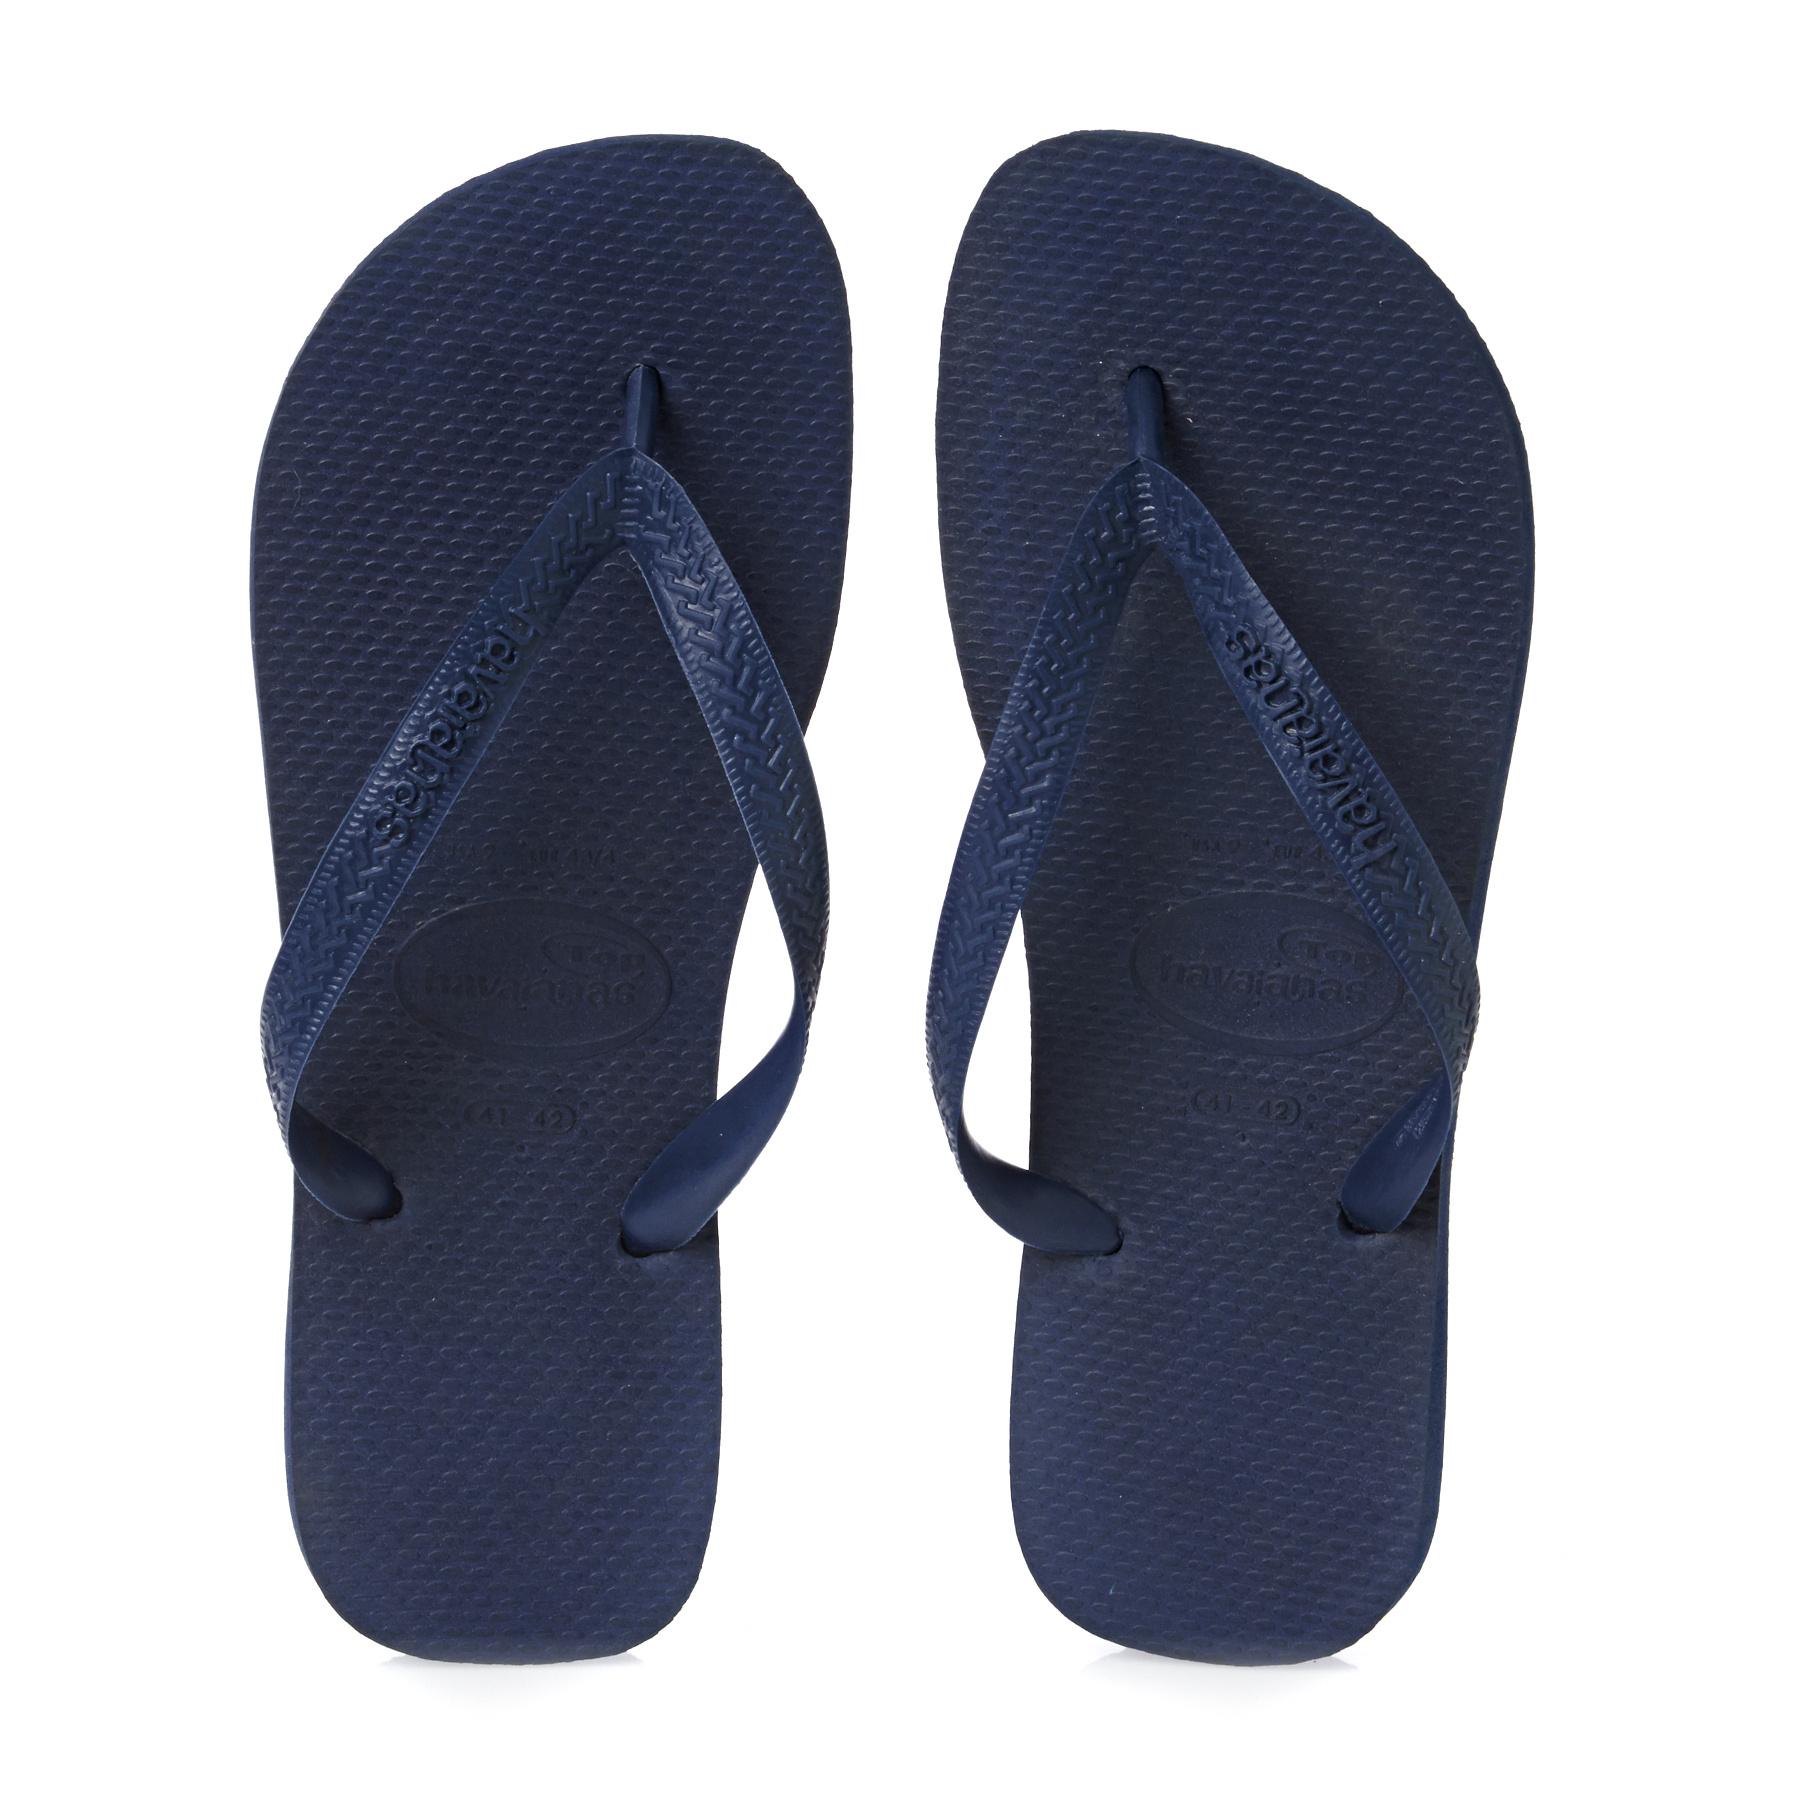 Havaianas Top Unisex Rubber Flip Flops Sandals In Various Colours UK Size 3-12